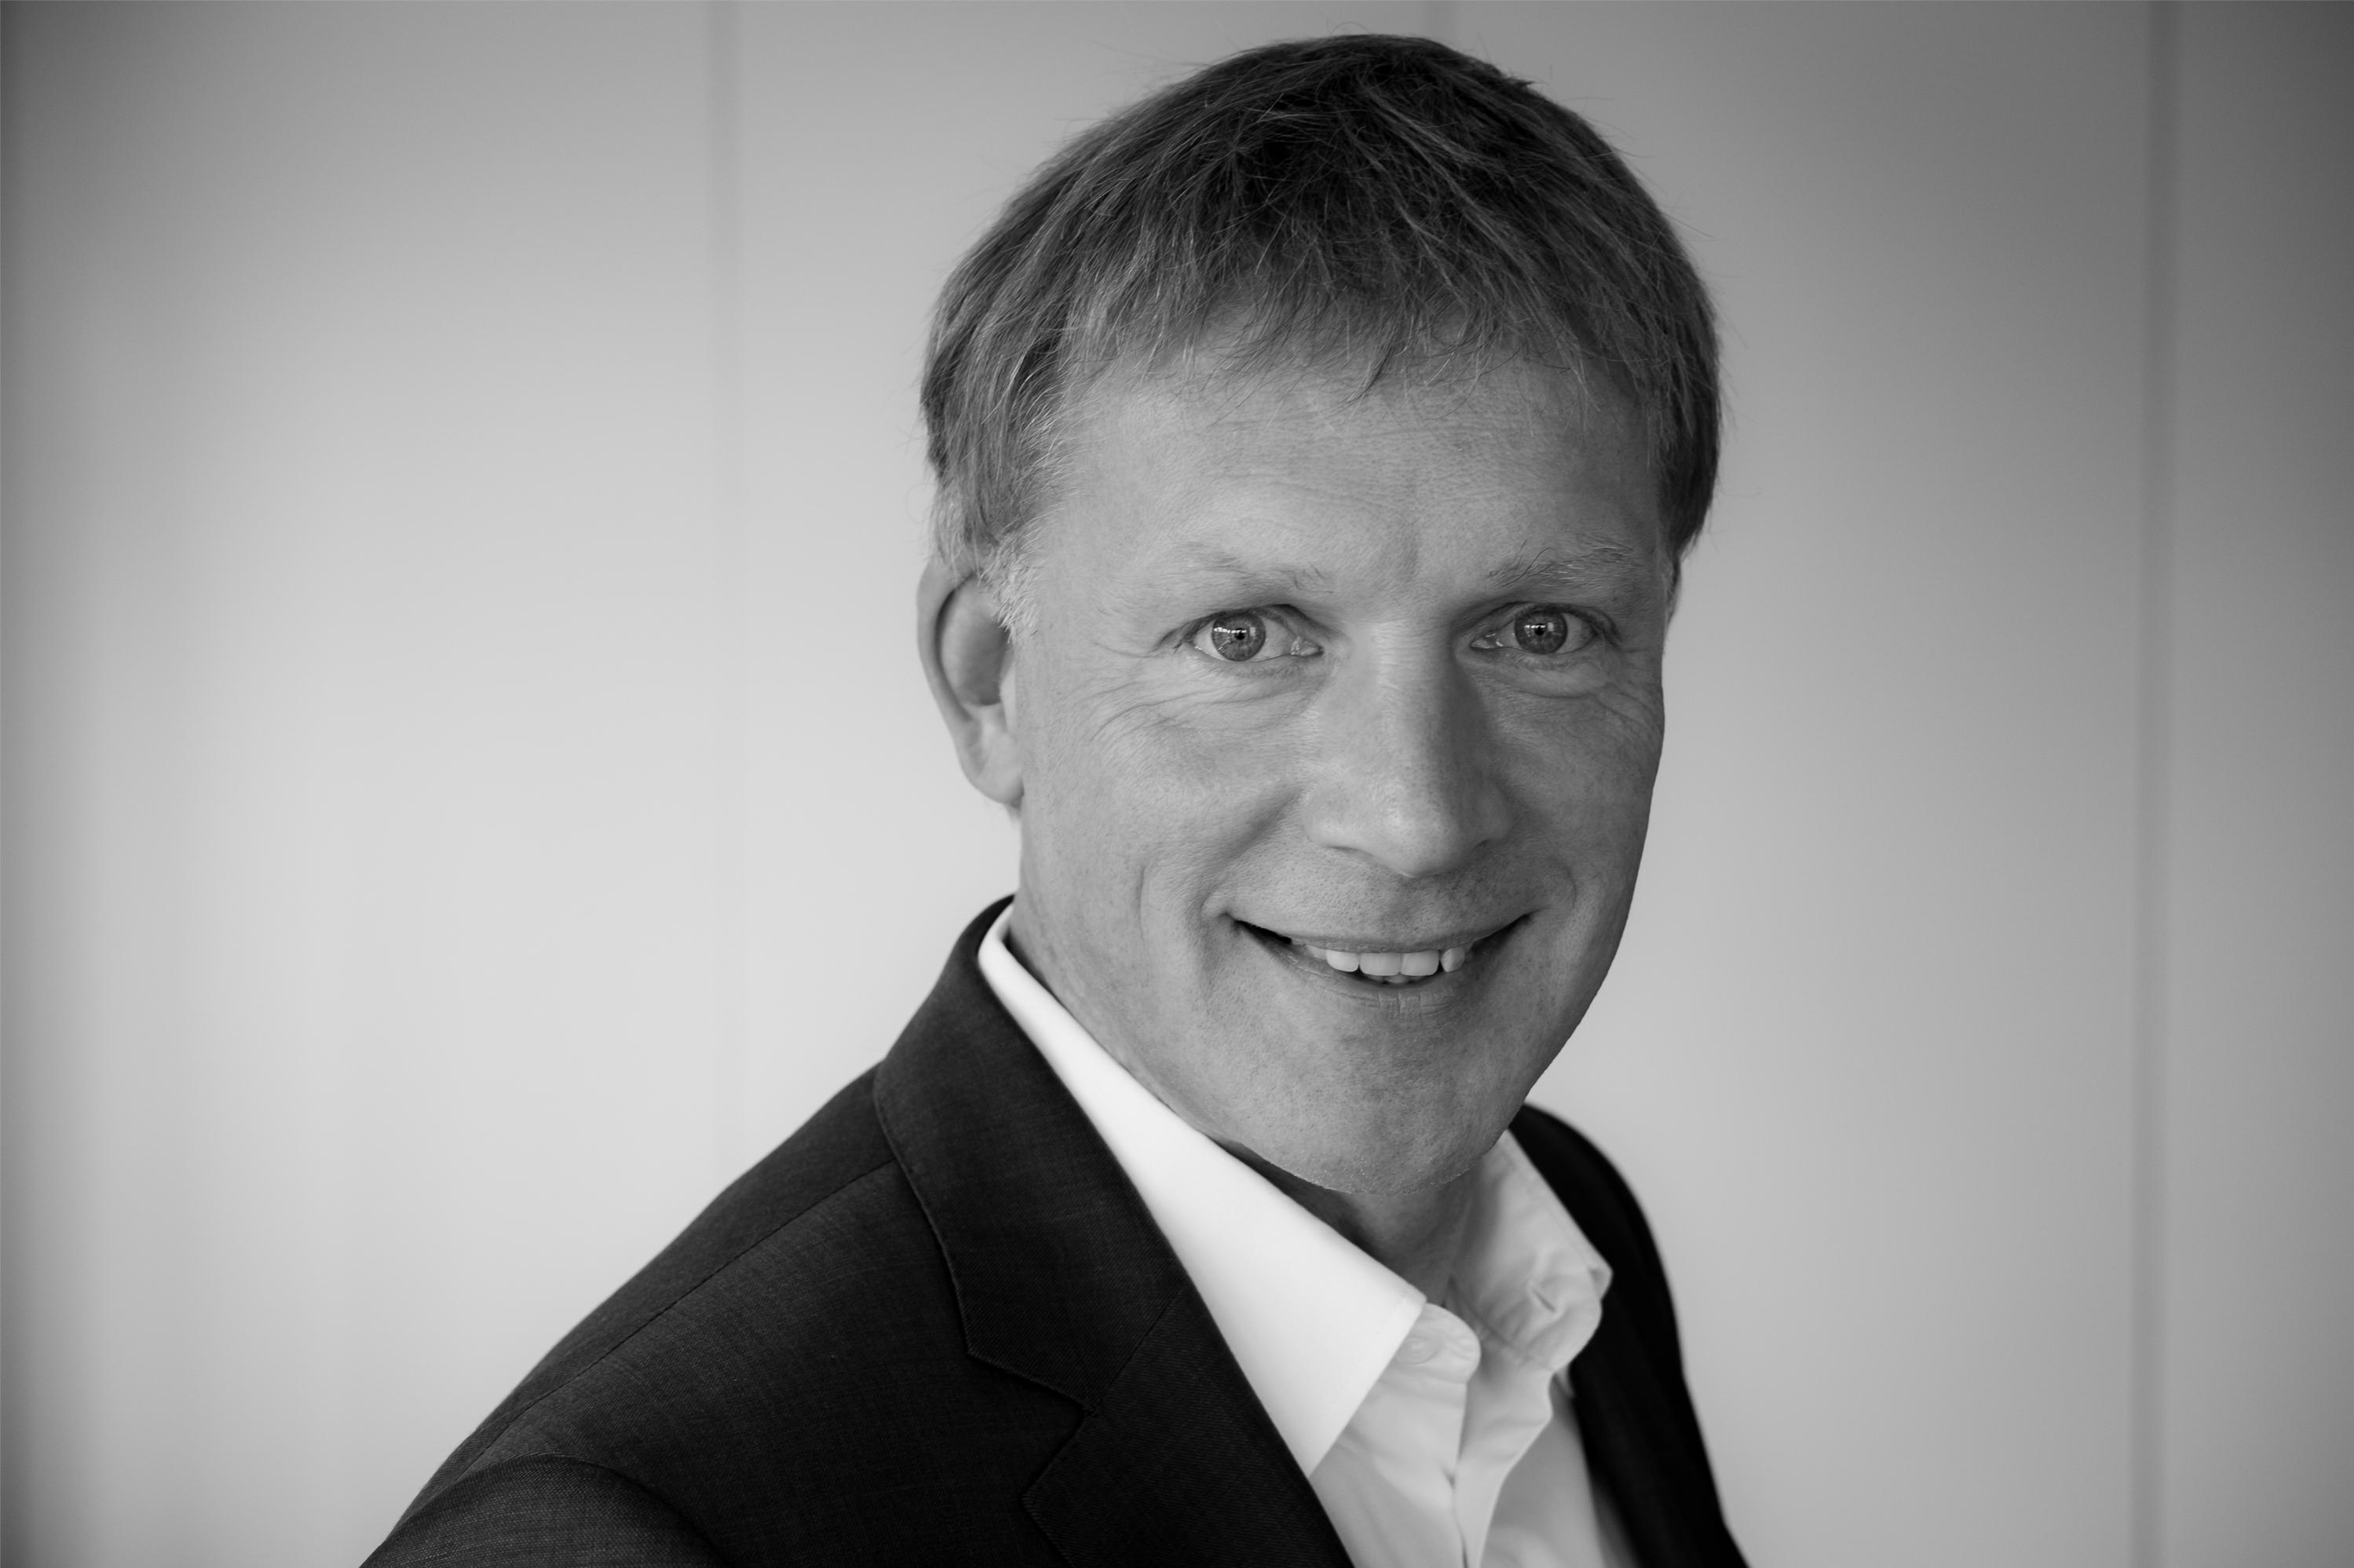 Udo Braam